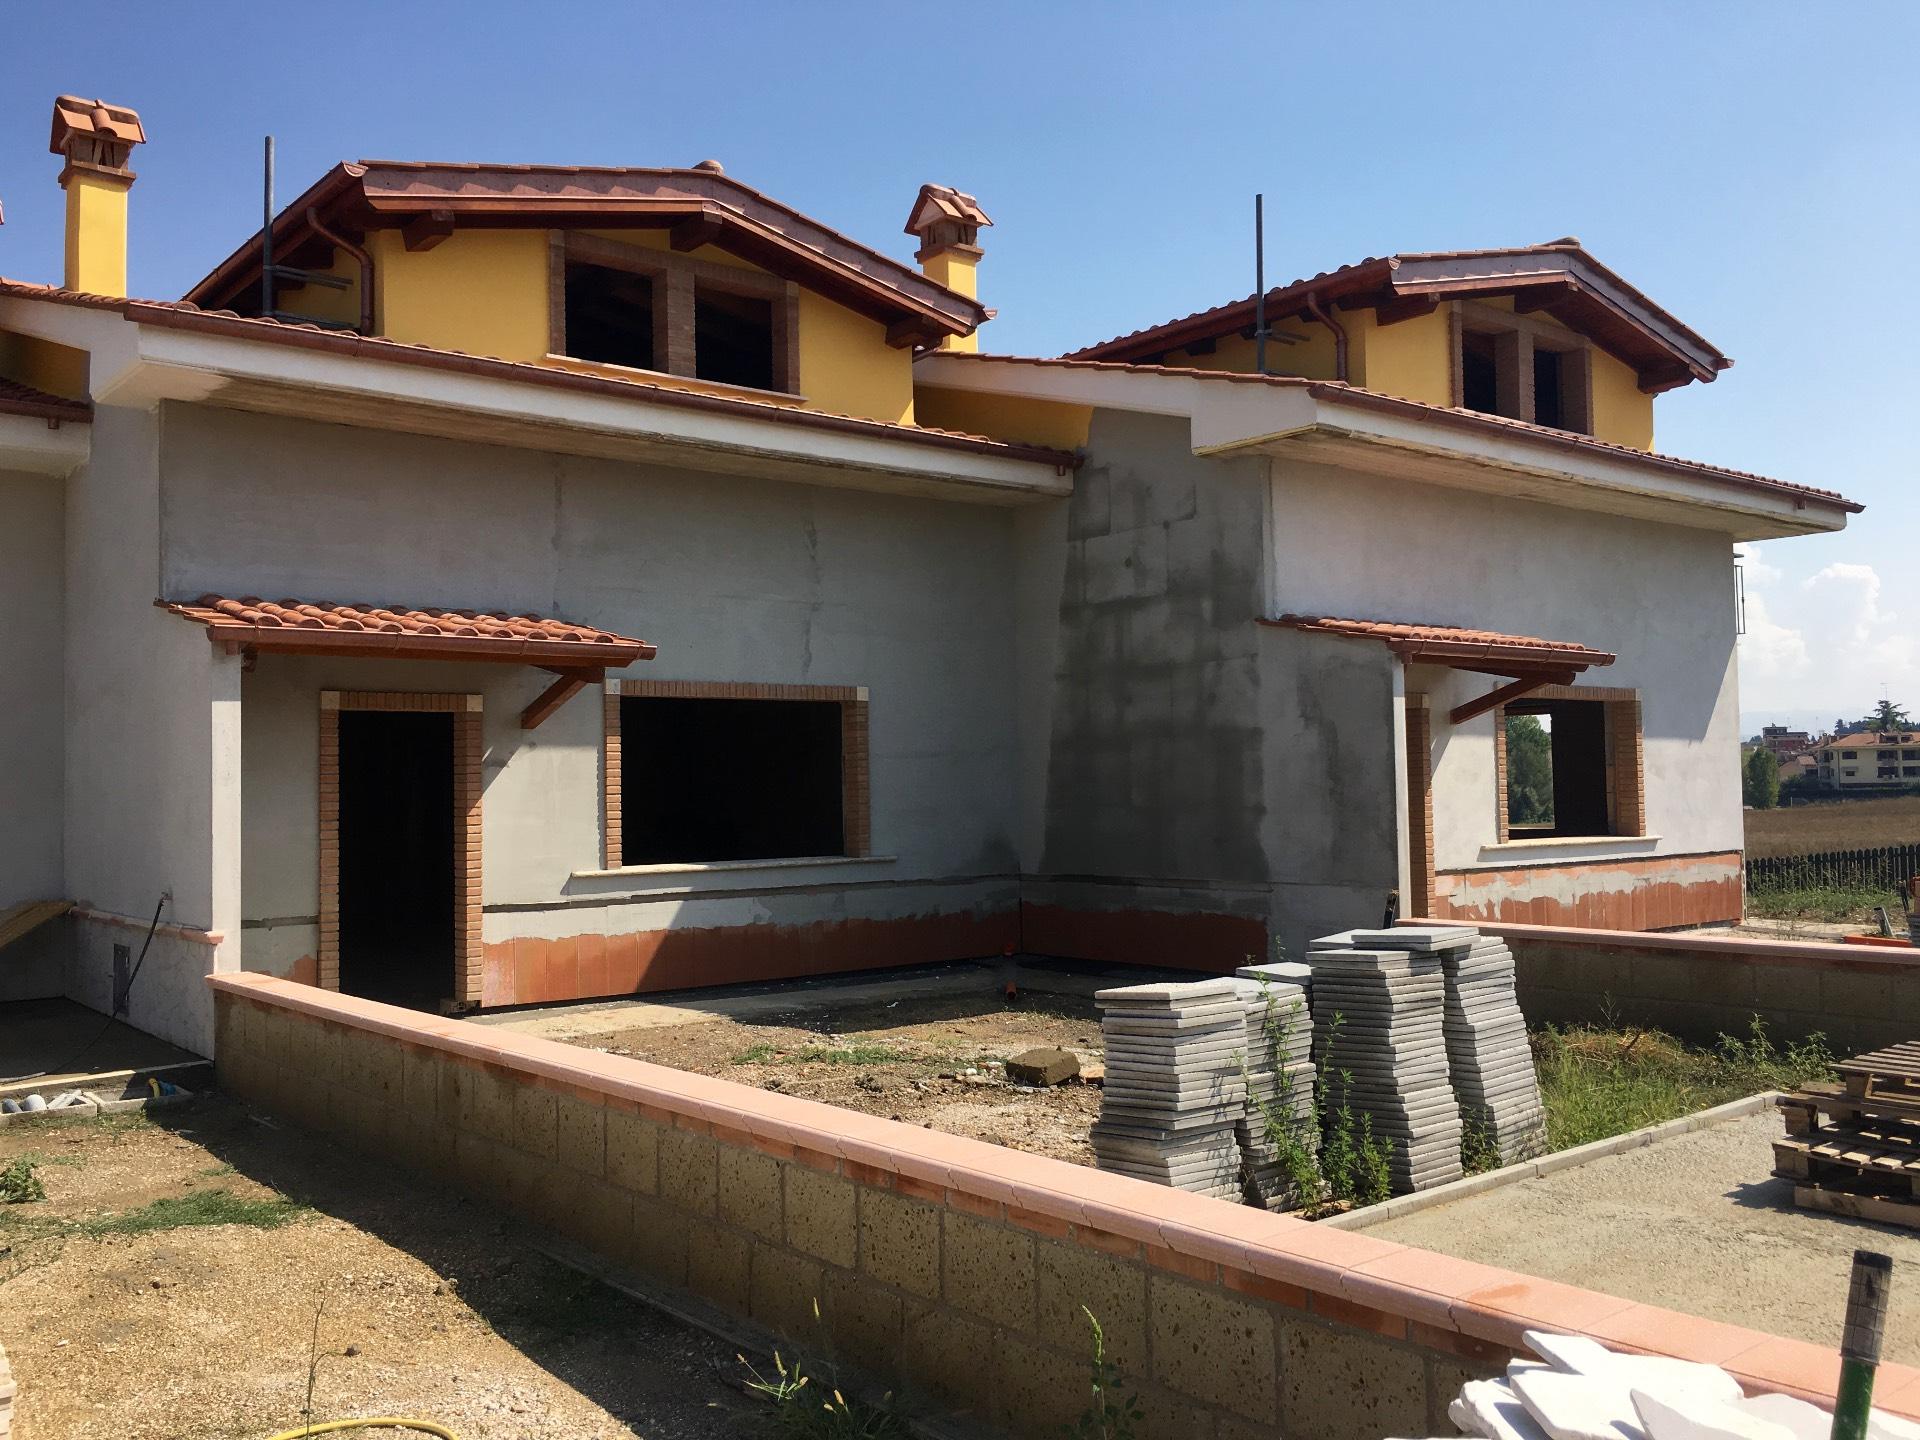 Villa in vendita a Mentana, 4 locali, zona Zona: Castelchiodato, prezzo € 359.000 | CambioCasa.it